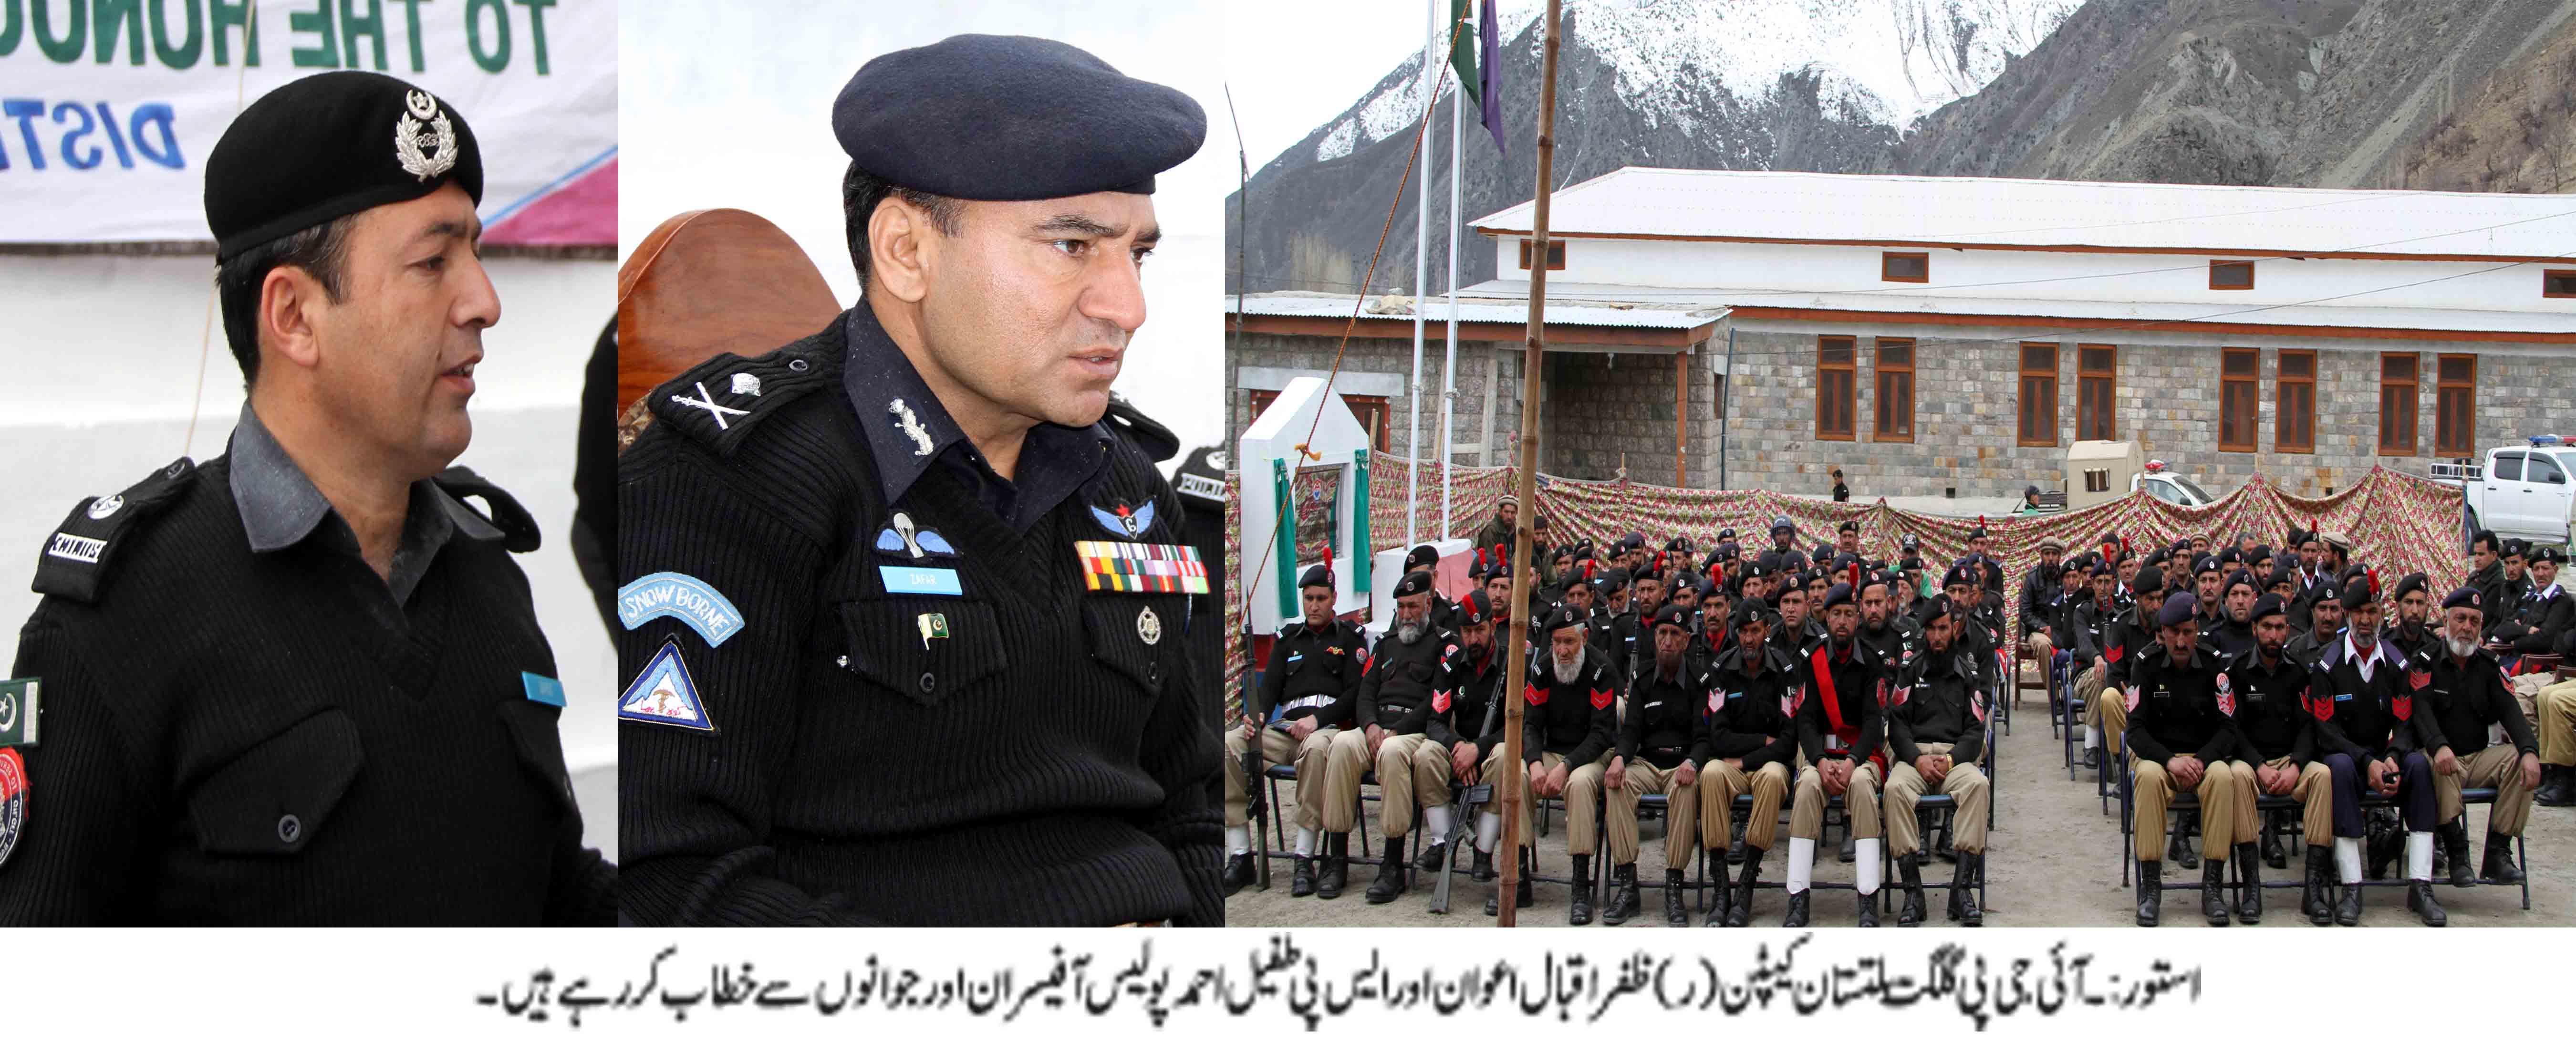 آئی جی پولیس کا دورہ استور، جوانوں کو ترقی کے رینک بھی لگائے